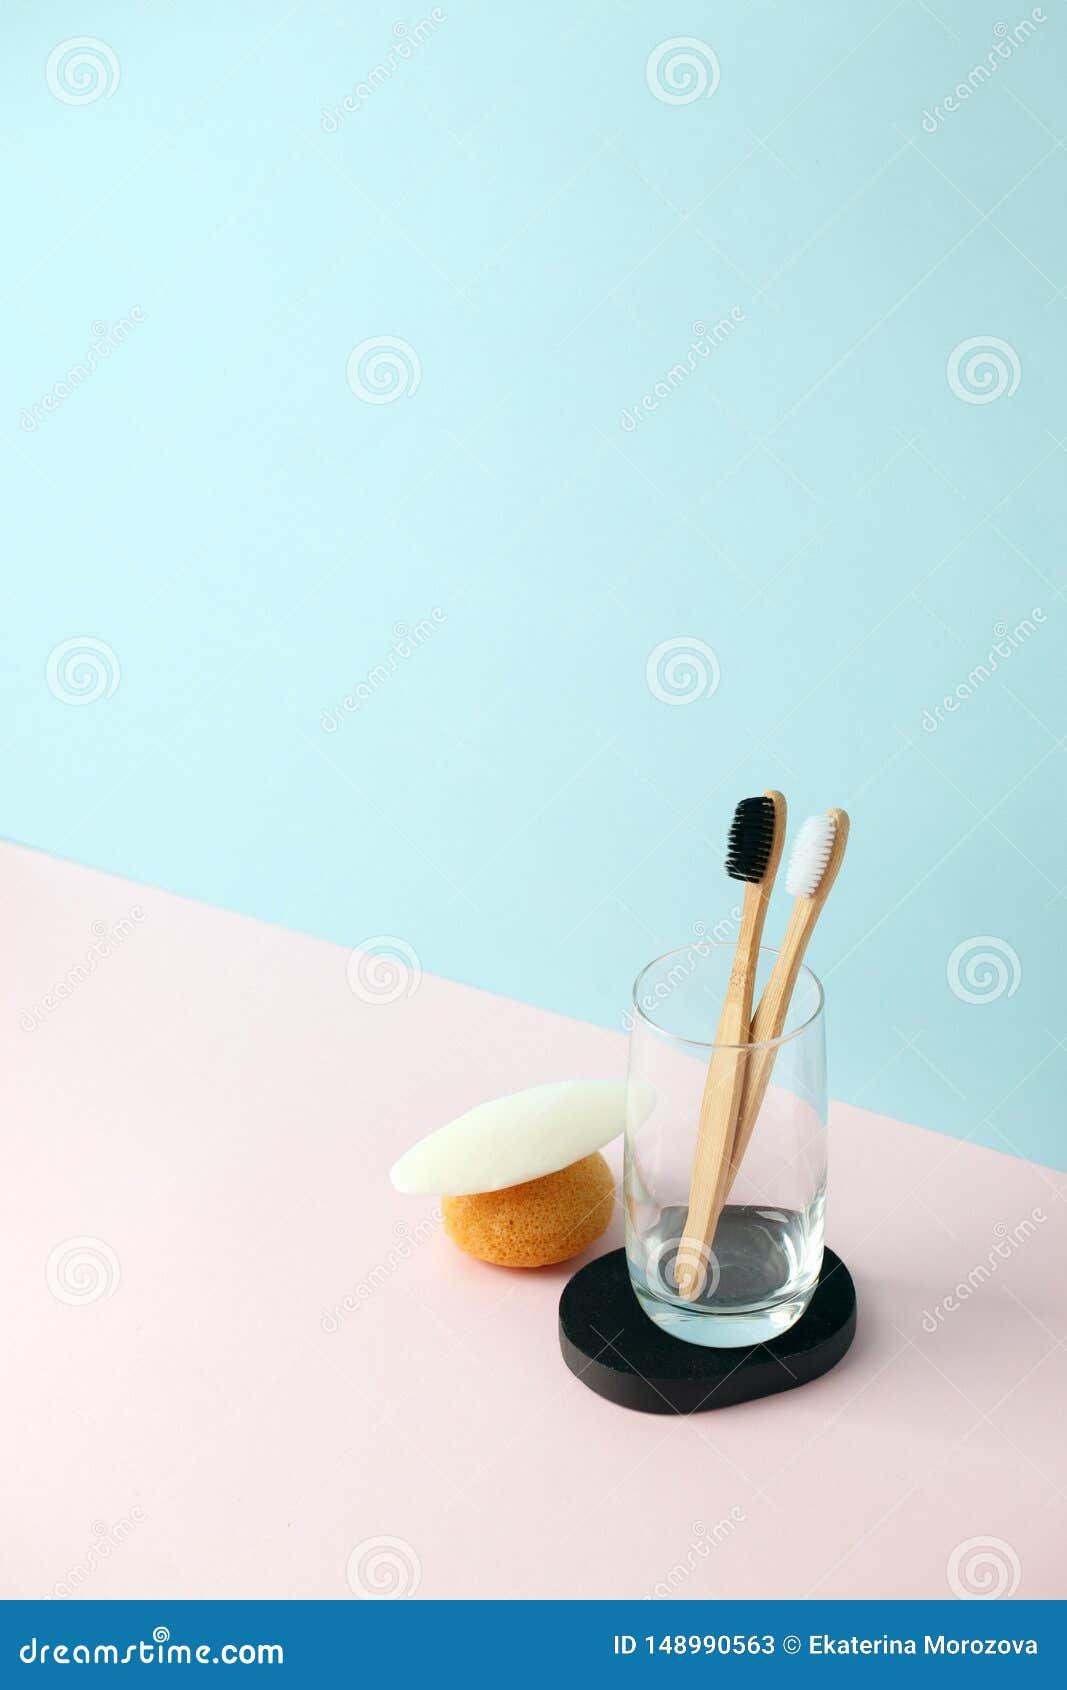 Bagno residuo zero I prodotti naturali puliscono, Konjac, la pezzuola per lavare, il sapone, la chiavetta di vetro, spazzolino da